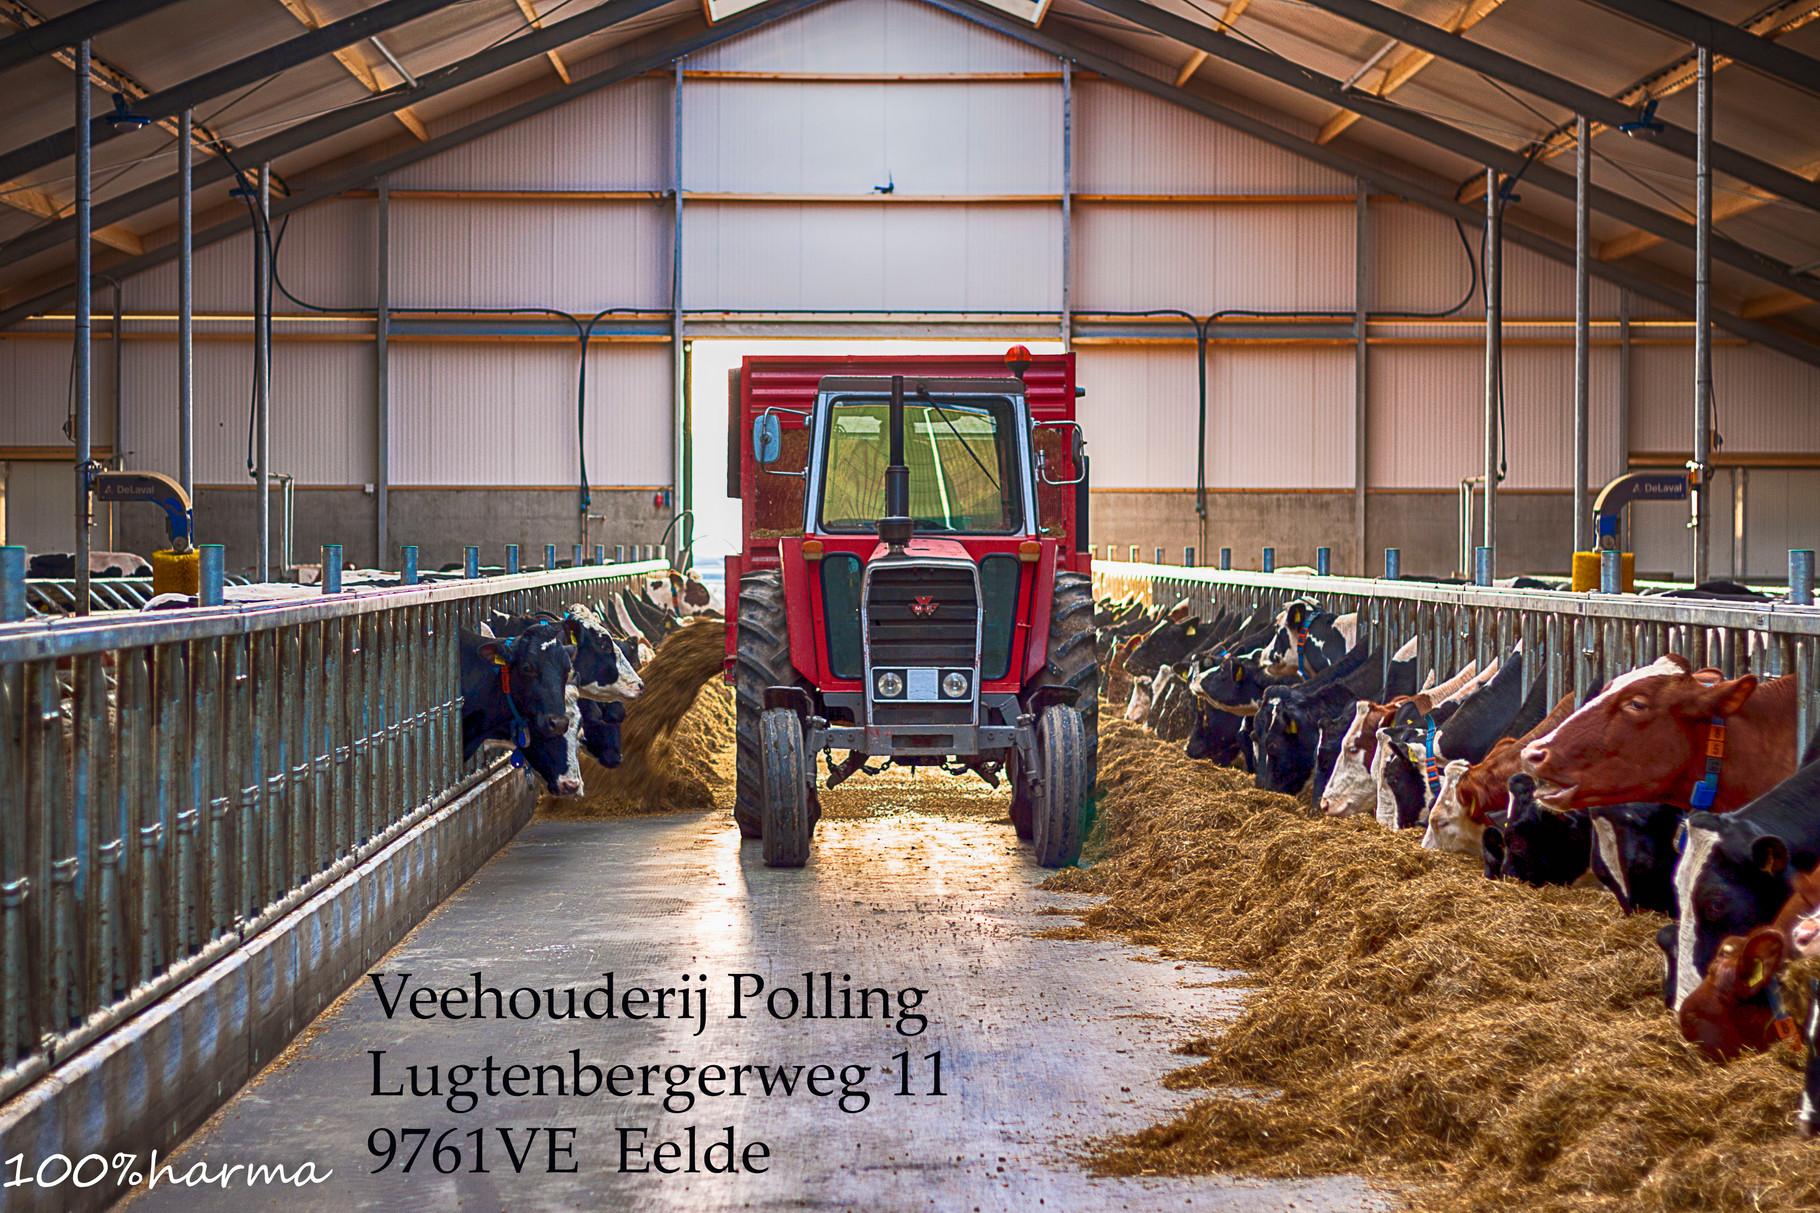 Veehouderij Polling Eelde